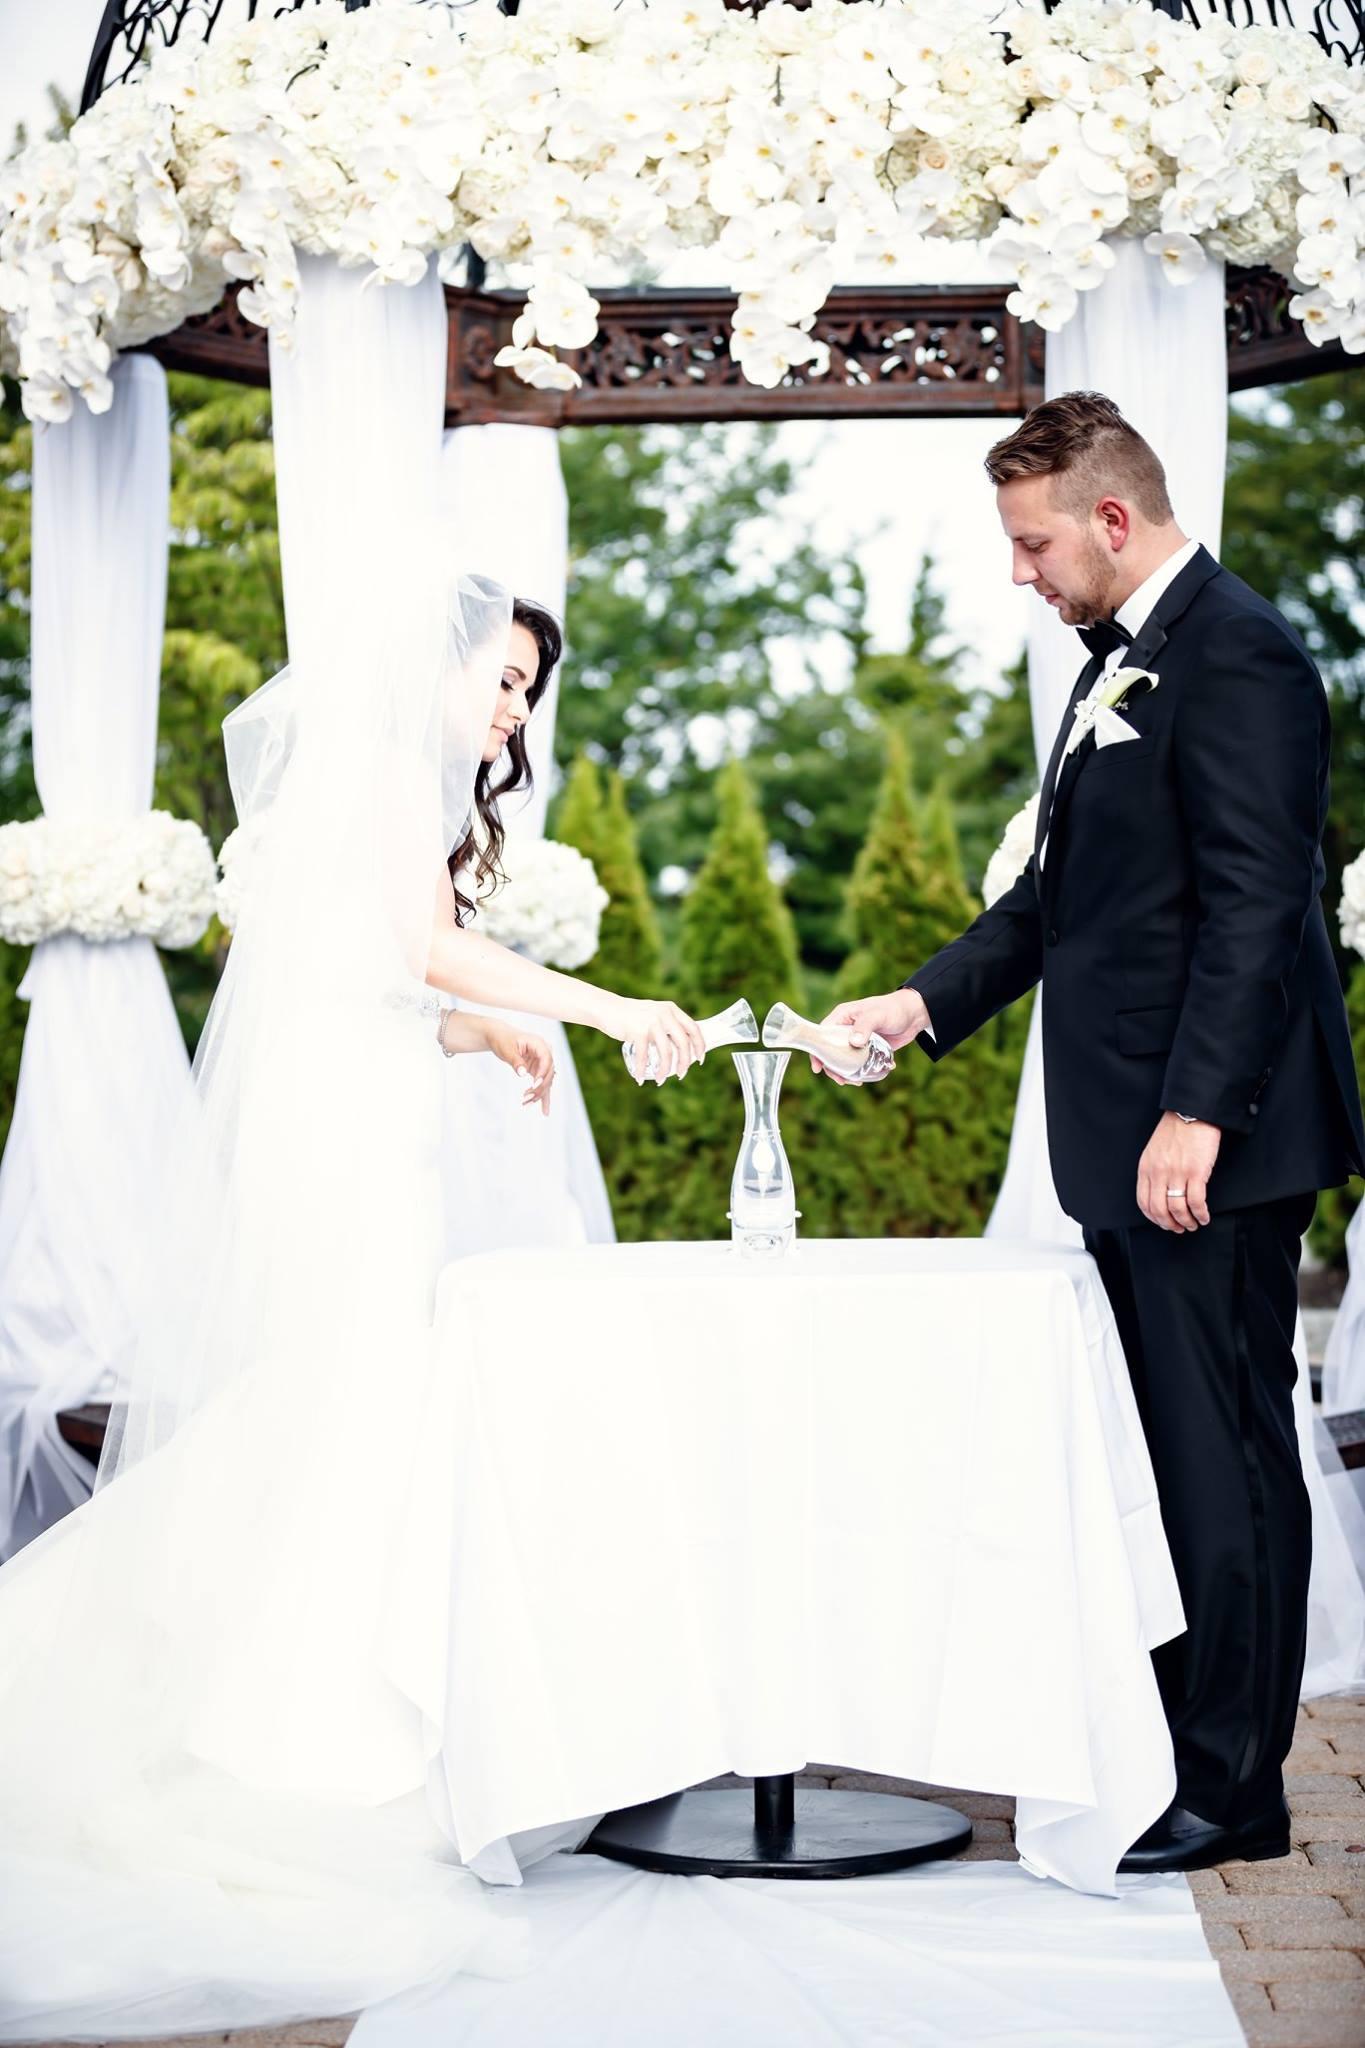 zajac photography wedding 28